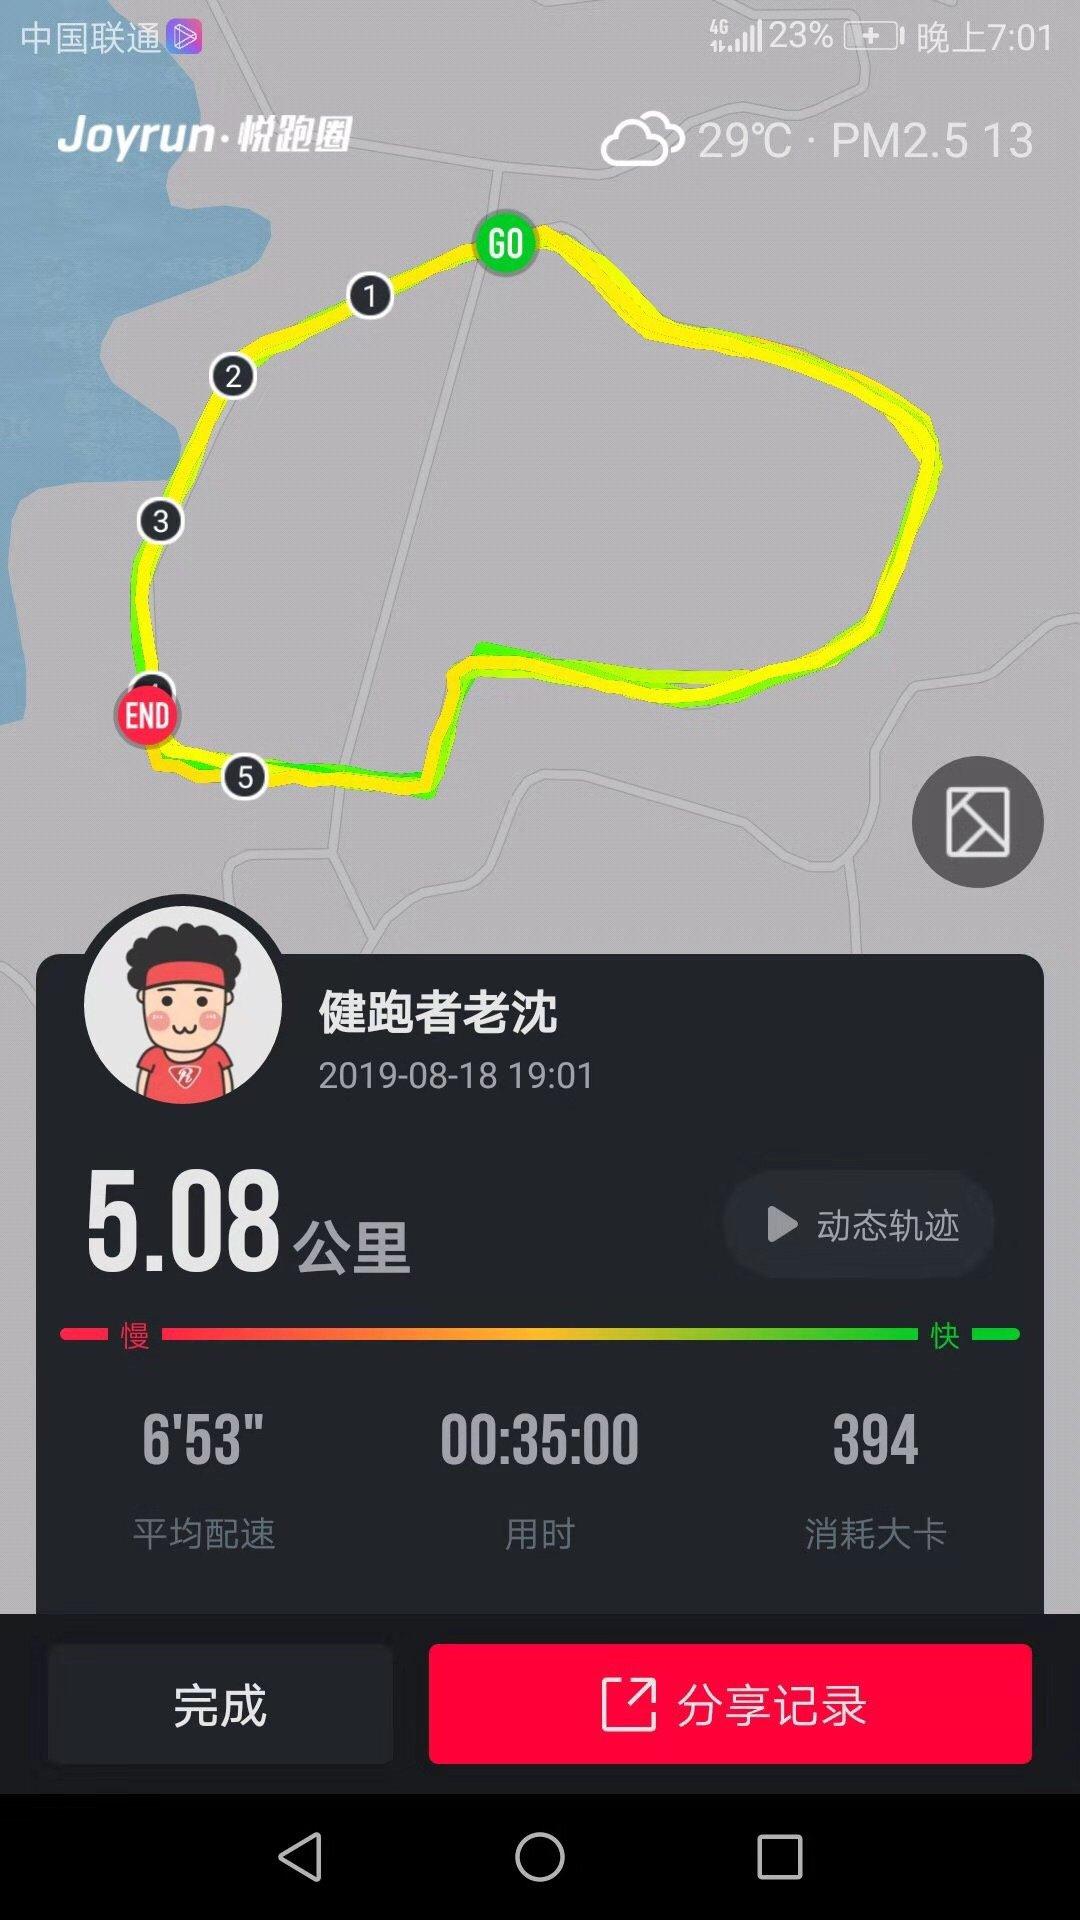 回到南京,回到乡村。健跑者老沈2019年8月18日跑步打卡。